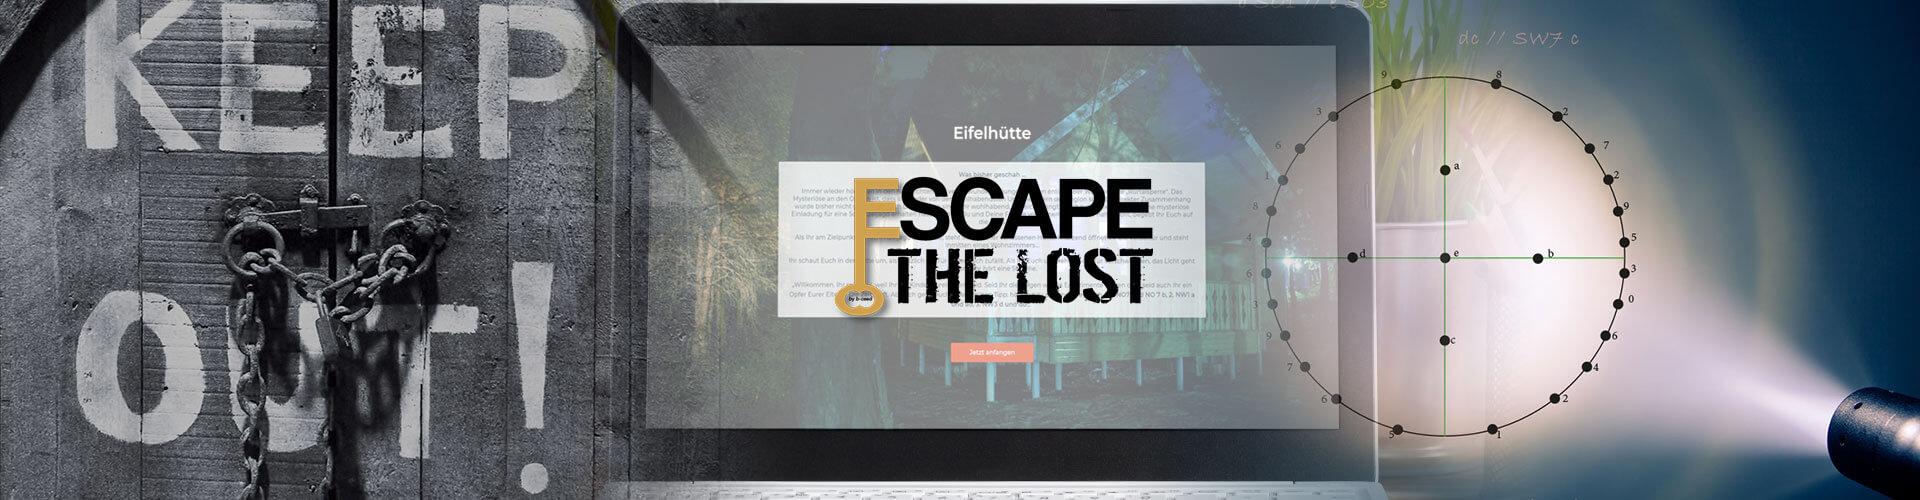 Online Escape Game Eifelhütte als Remote Teamevent von b-ceed Eventagentur